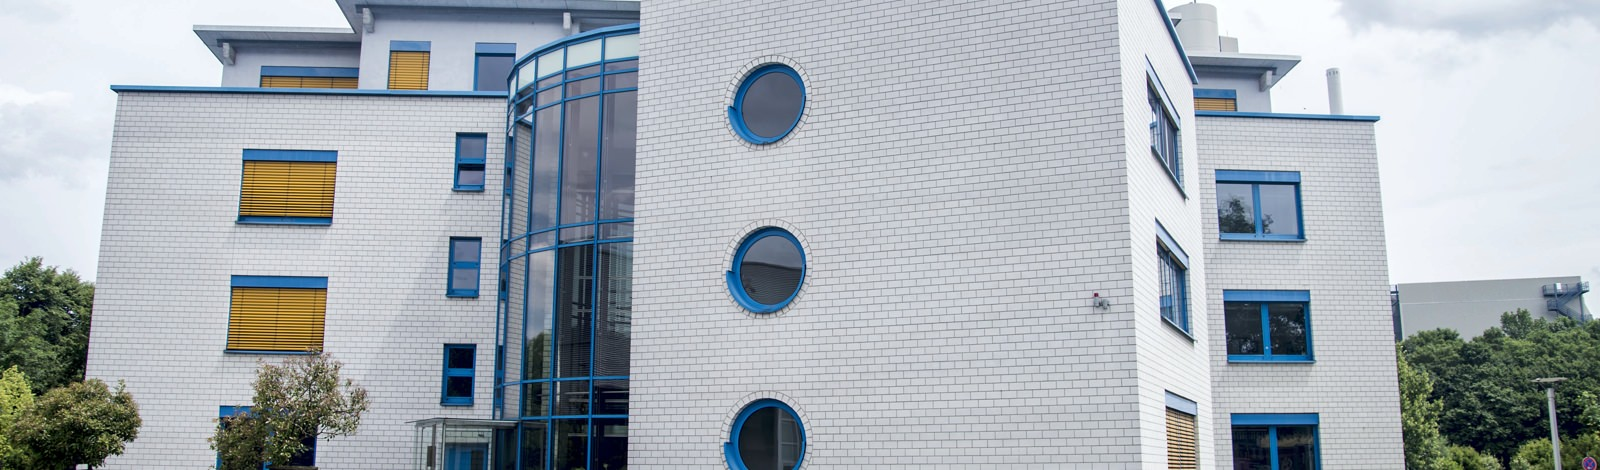 Kalksandstein Fassade Verwaltung Entennest